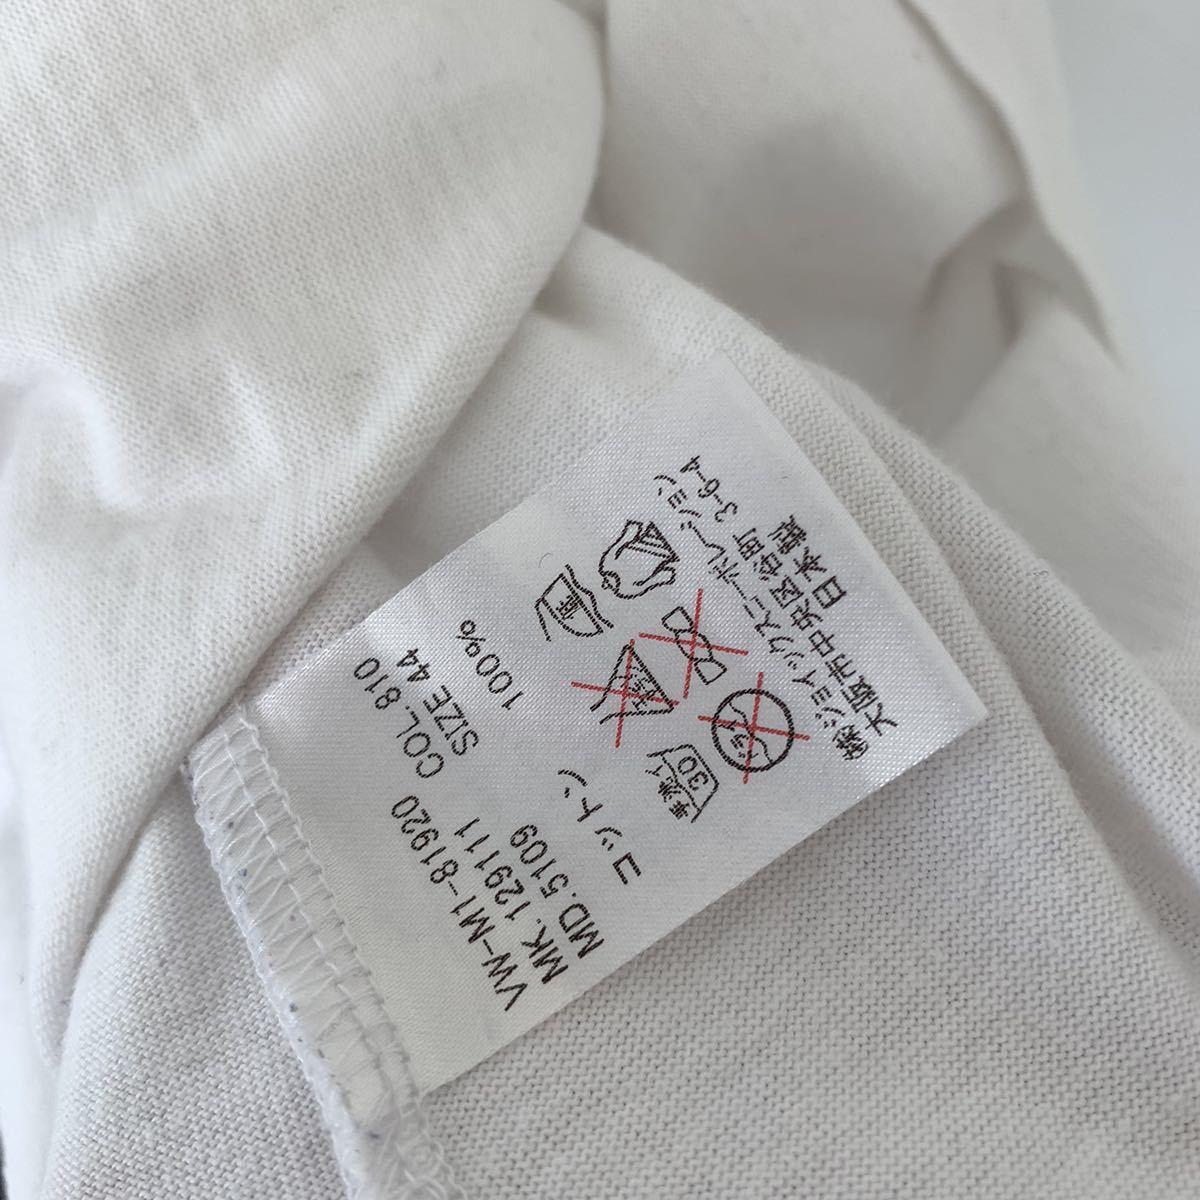 【送料込み】Vivienne Westwood ヴィヴィアンウエストウッド Tシャツ メンズ ホワイト S 44